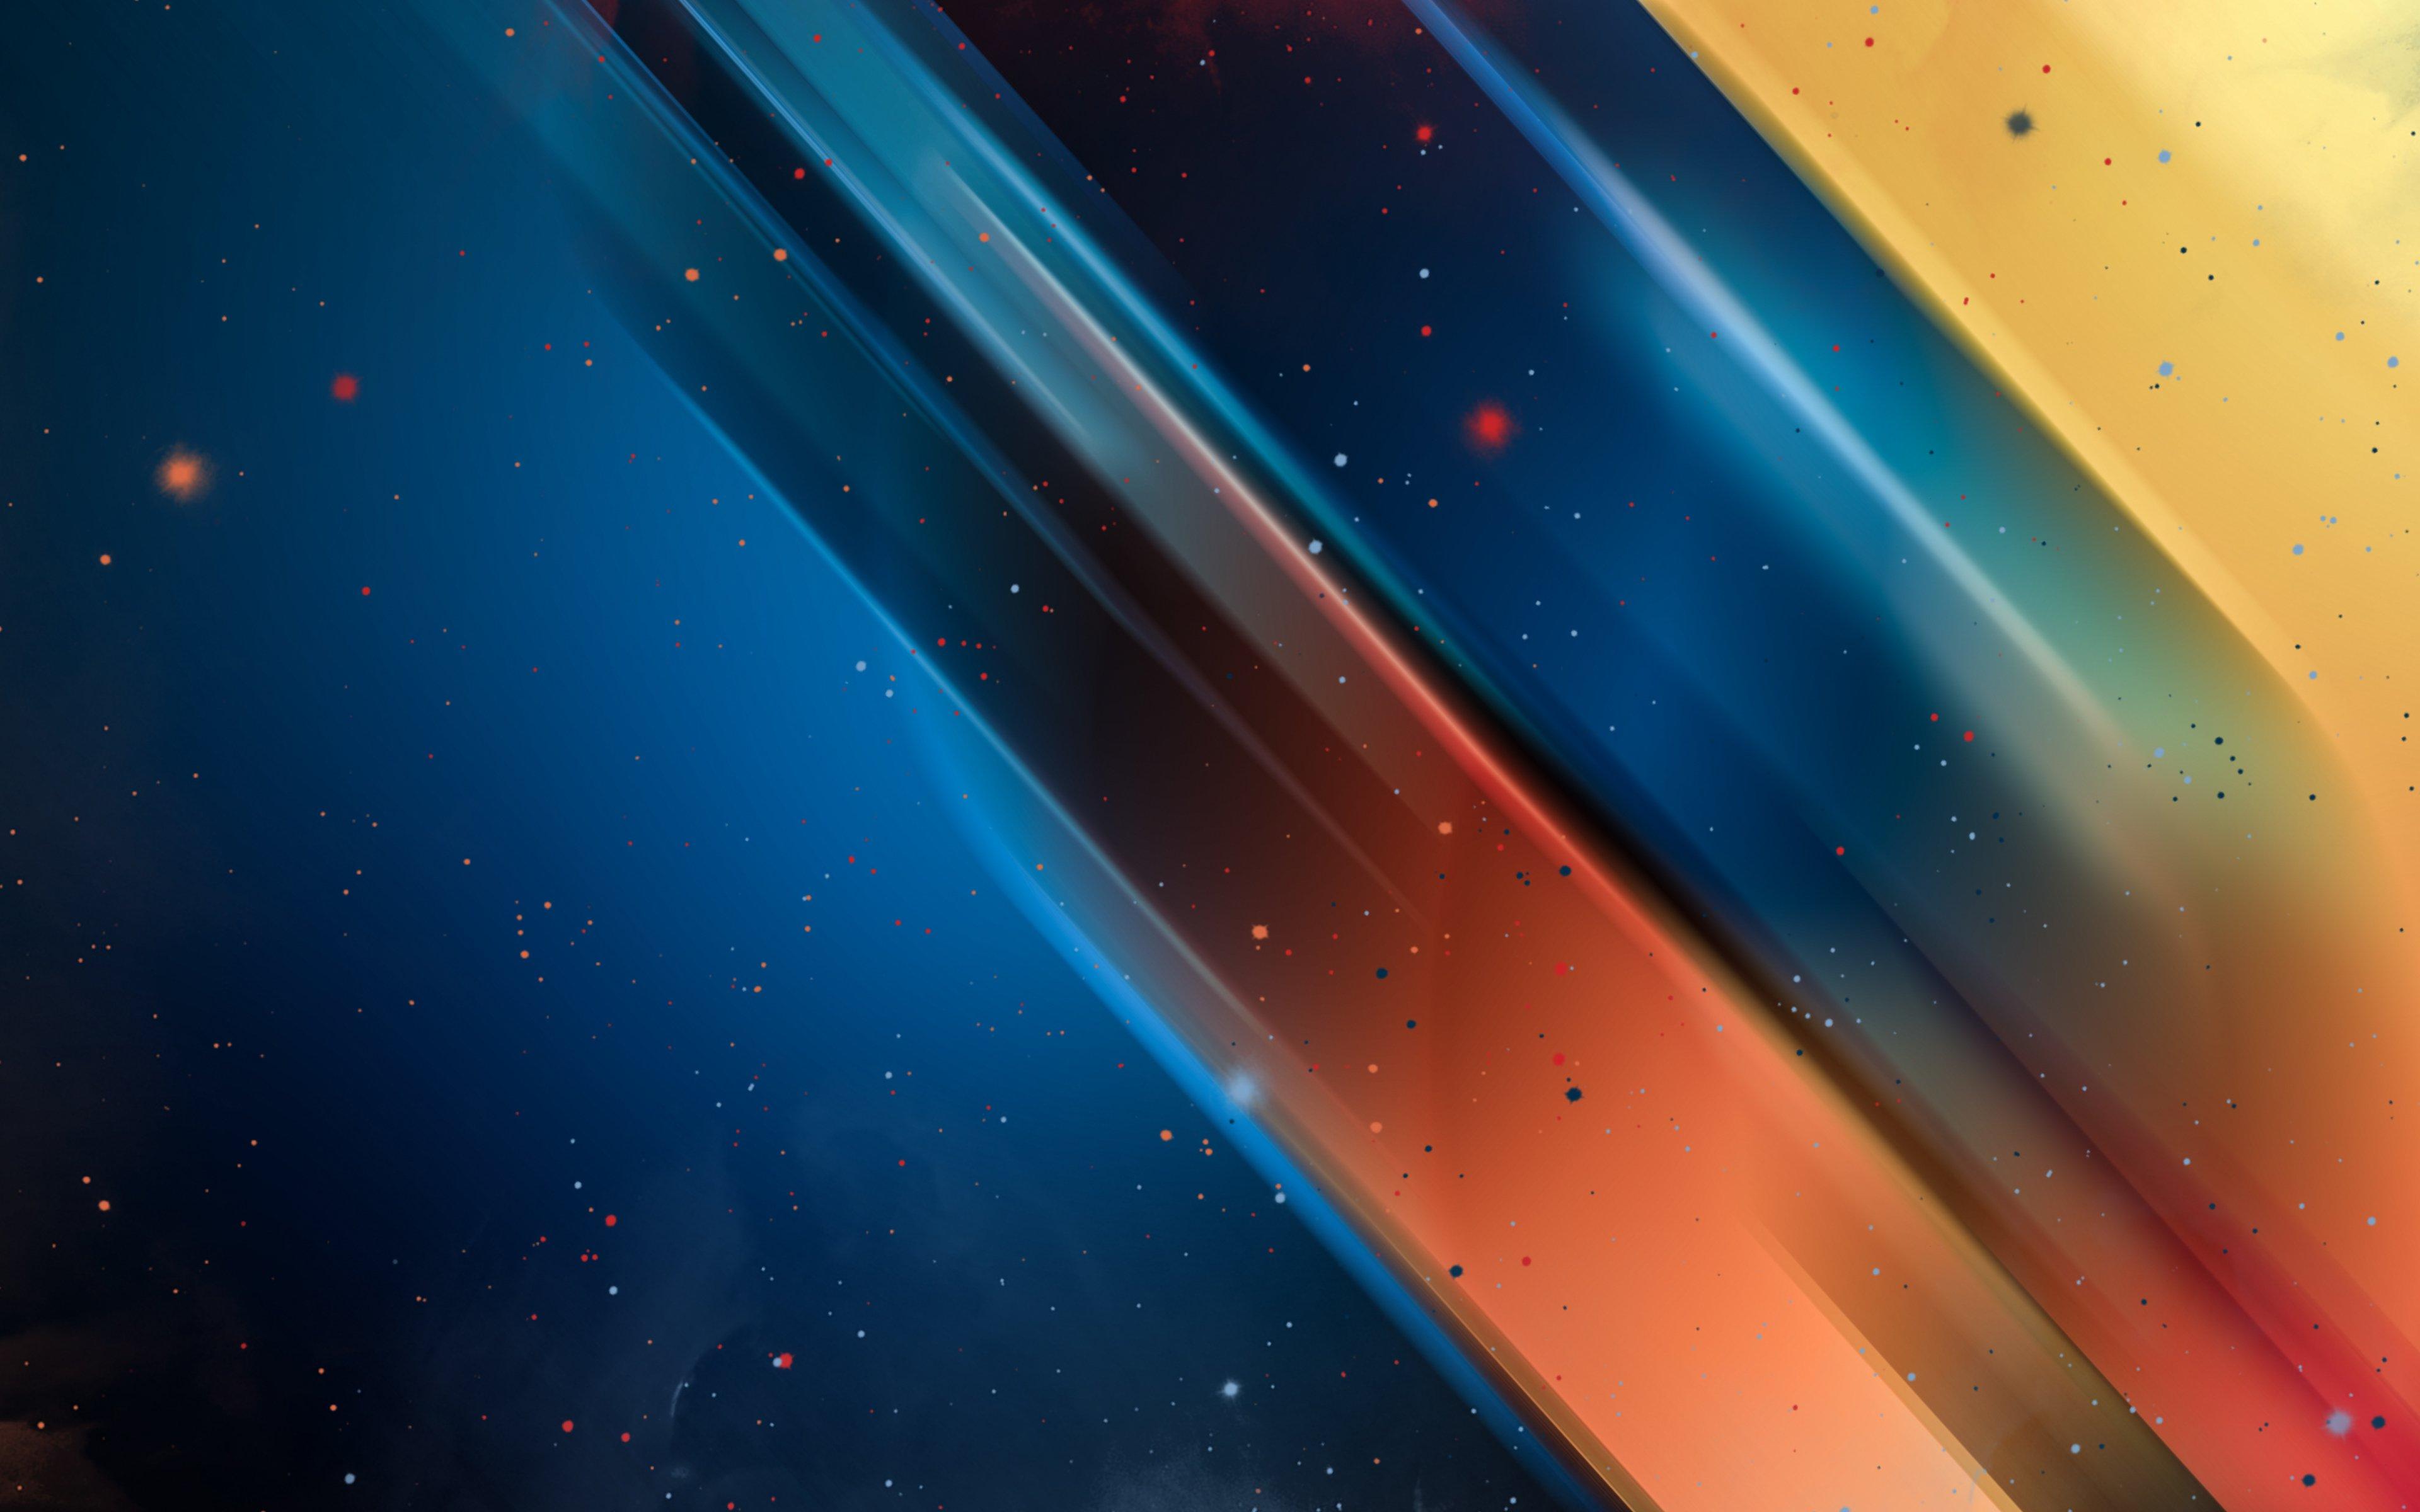 Fondos de pantalla Particulas y colores